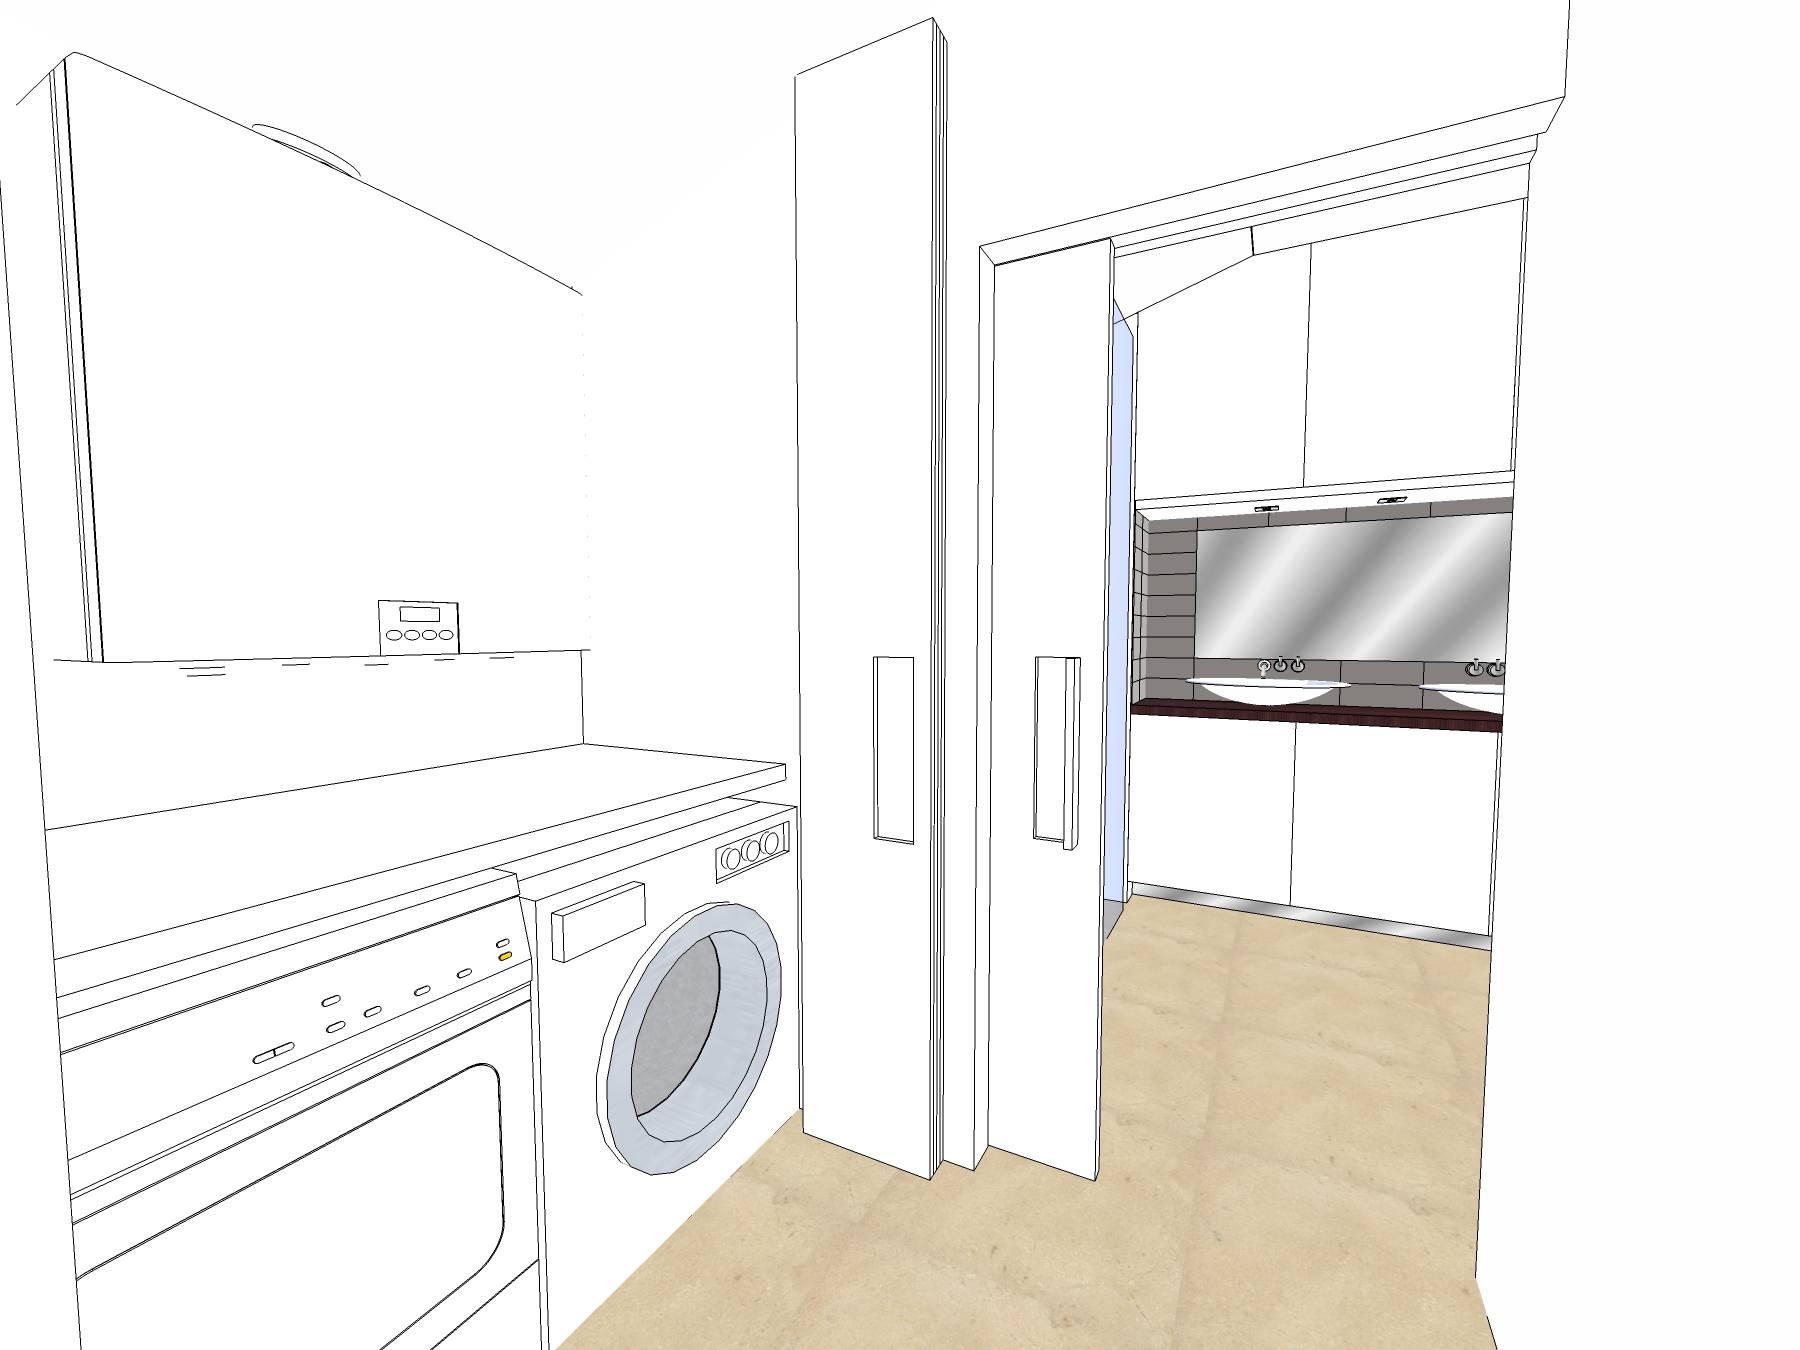 Badkamer sketchup badkamer ontwerp idee n for Cursus 3d tekenen interieur